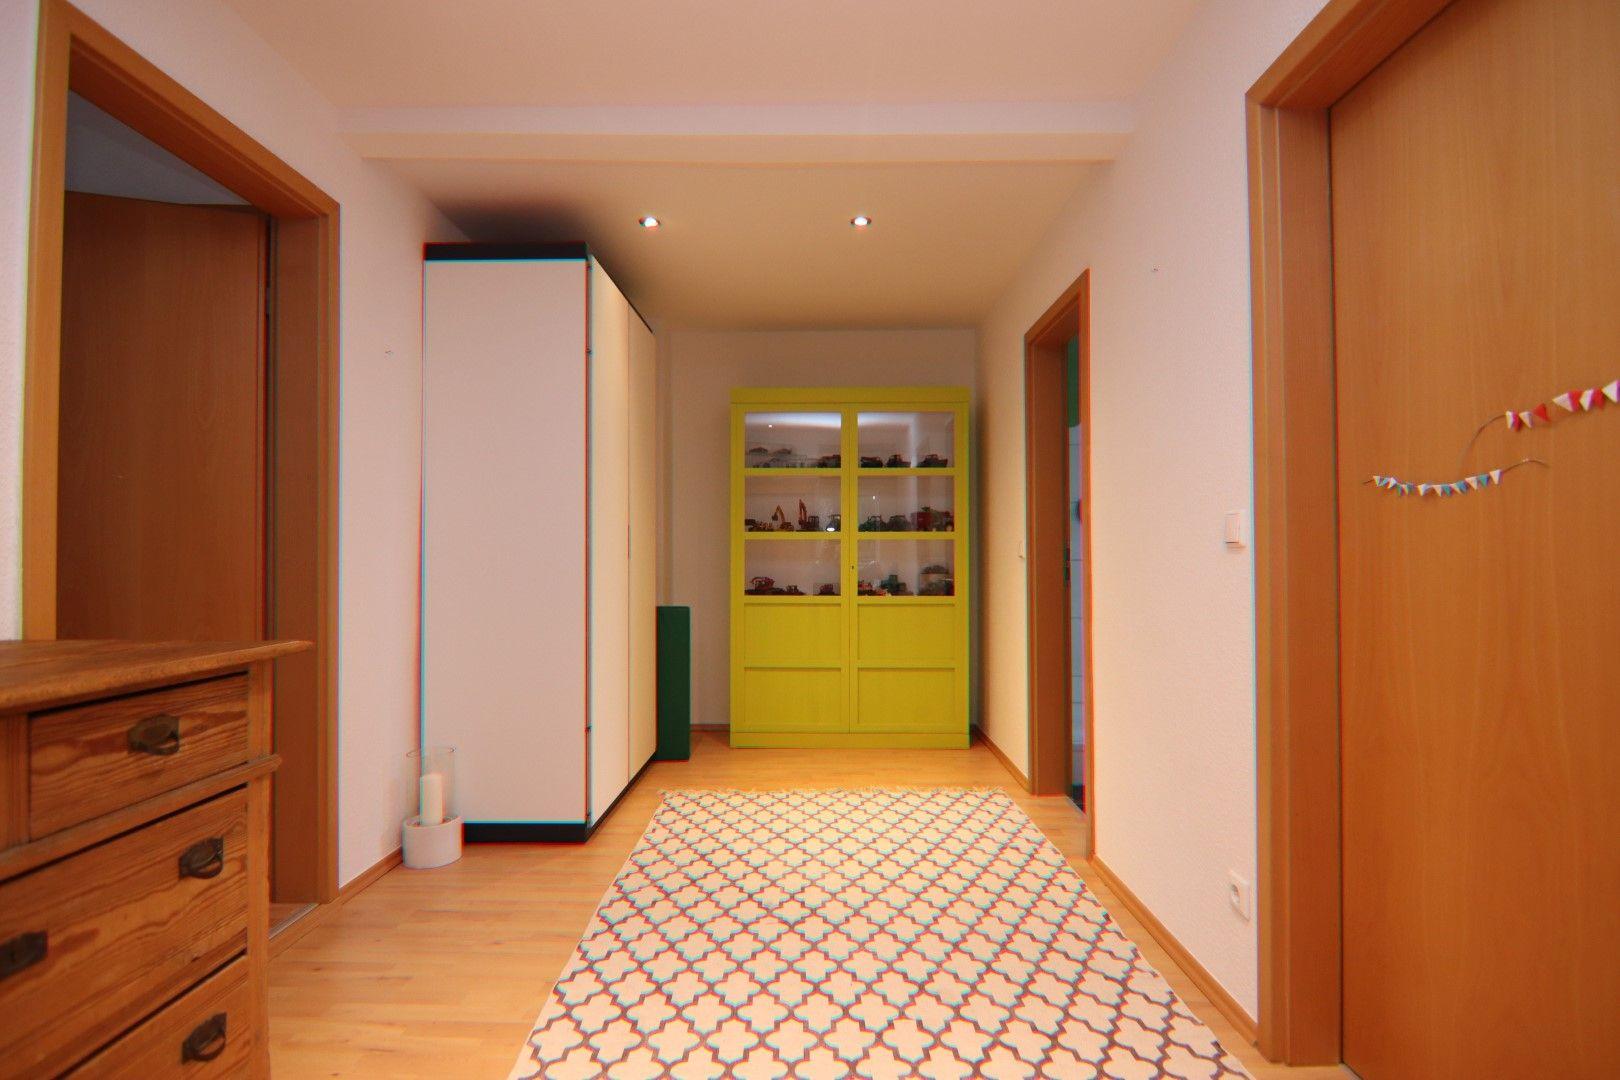 Immobilie Nr.0291 - 4-Raum-Wohnung, 2 Bäder mit Balkon u. Stpl. - Bild 7.jpg